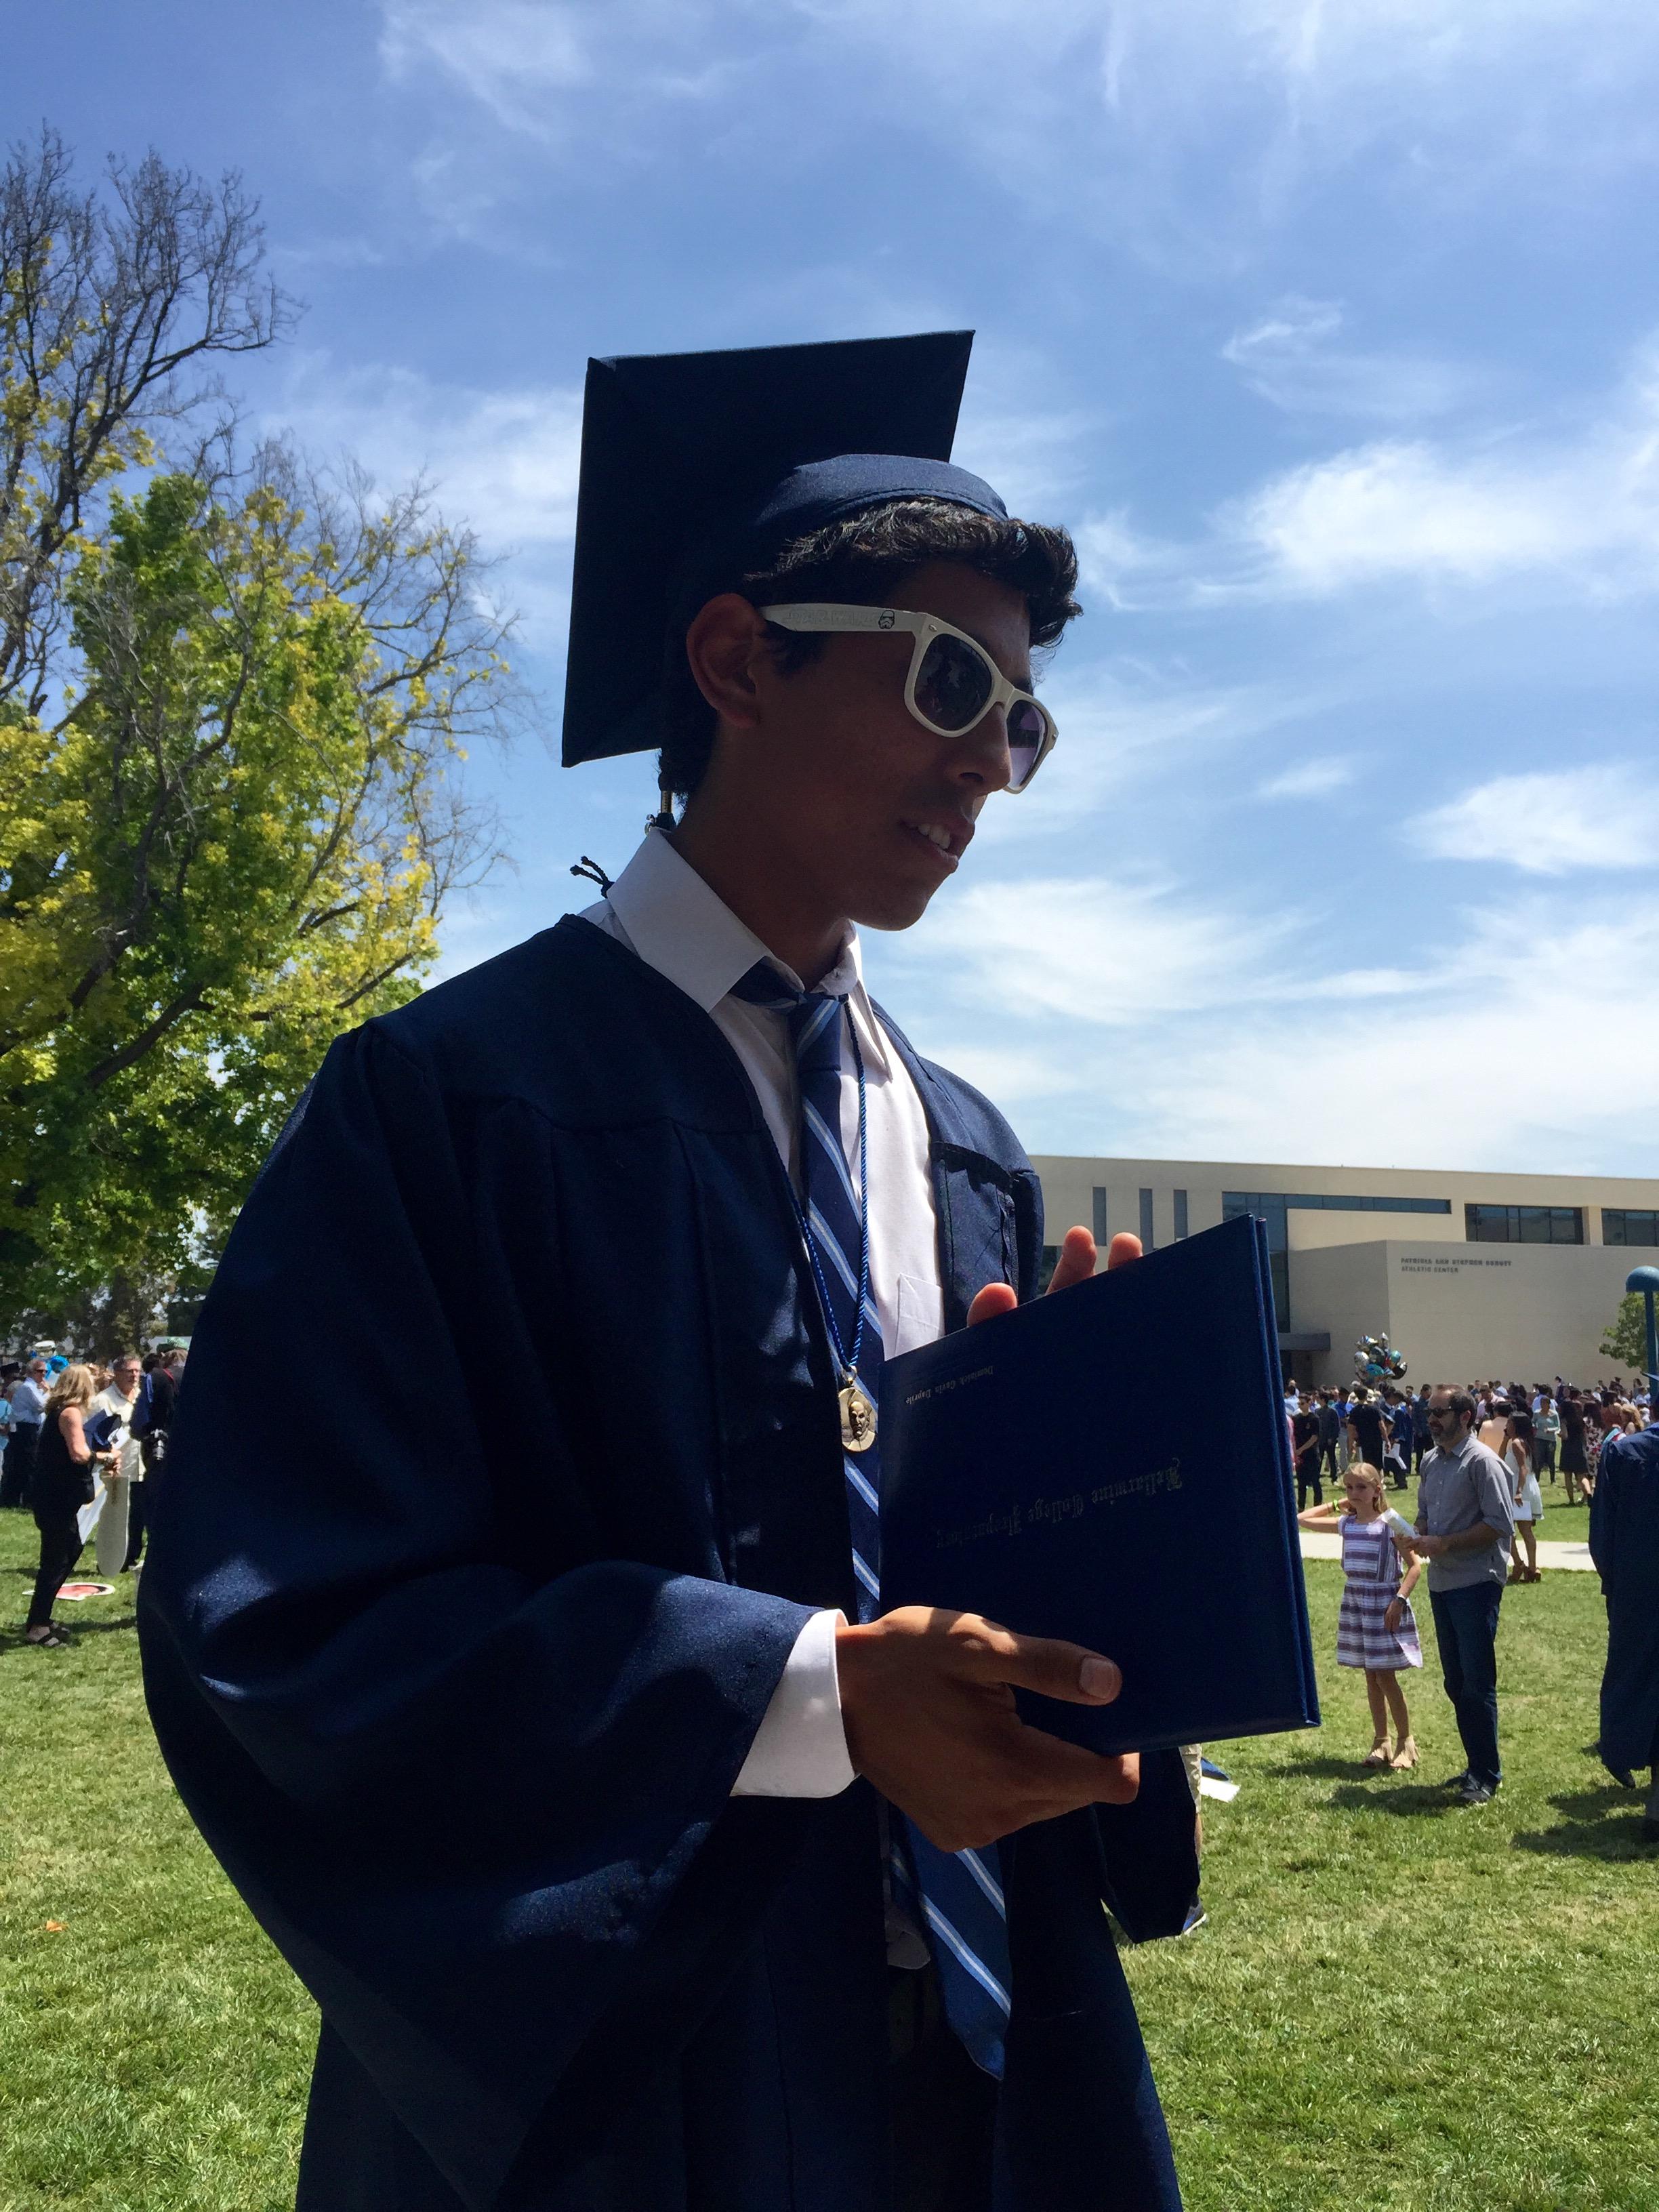 Dominick Graduation Bellarmine